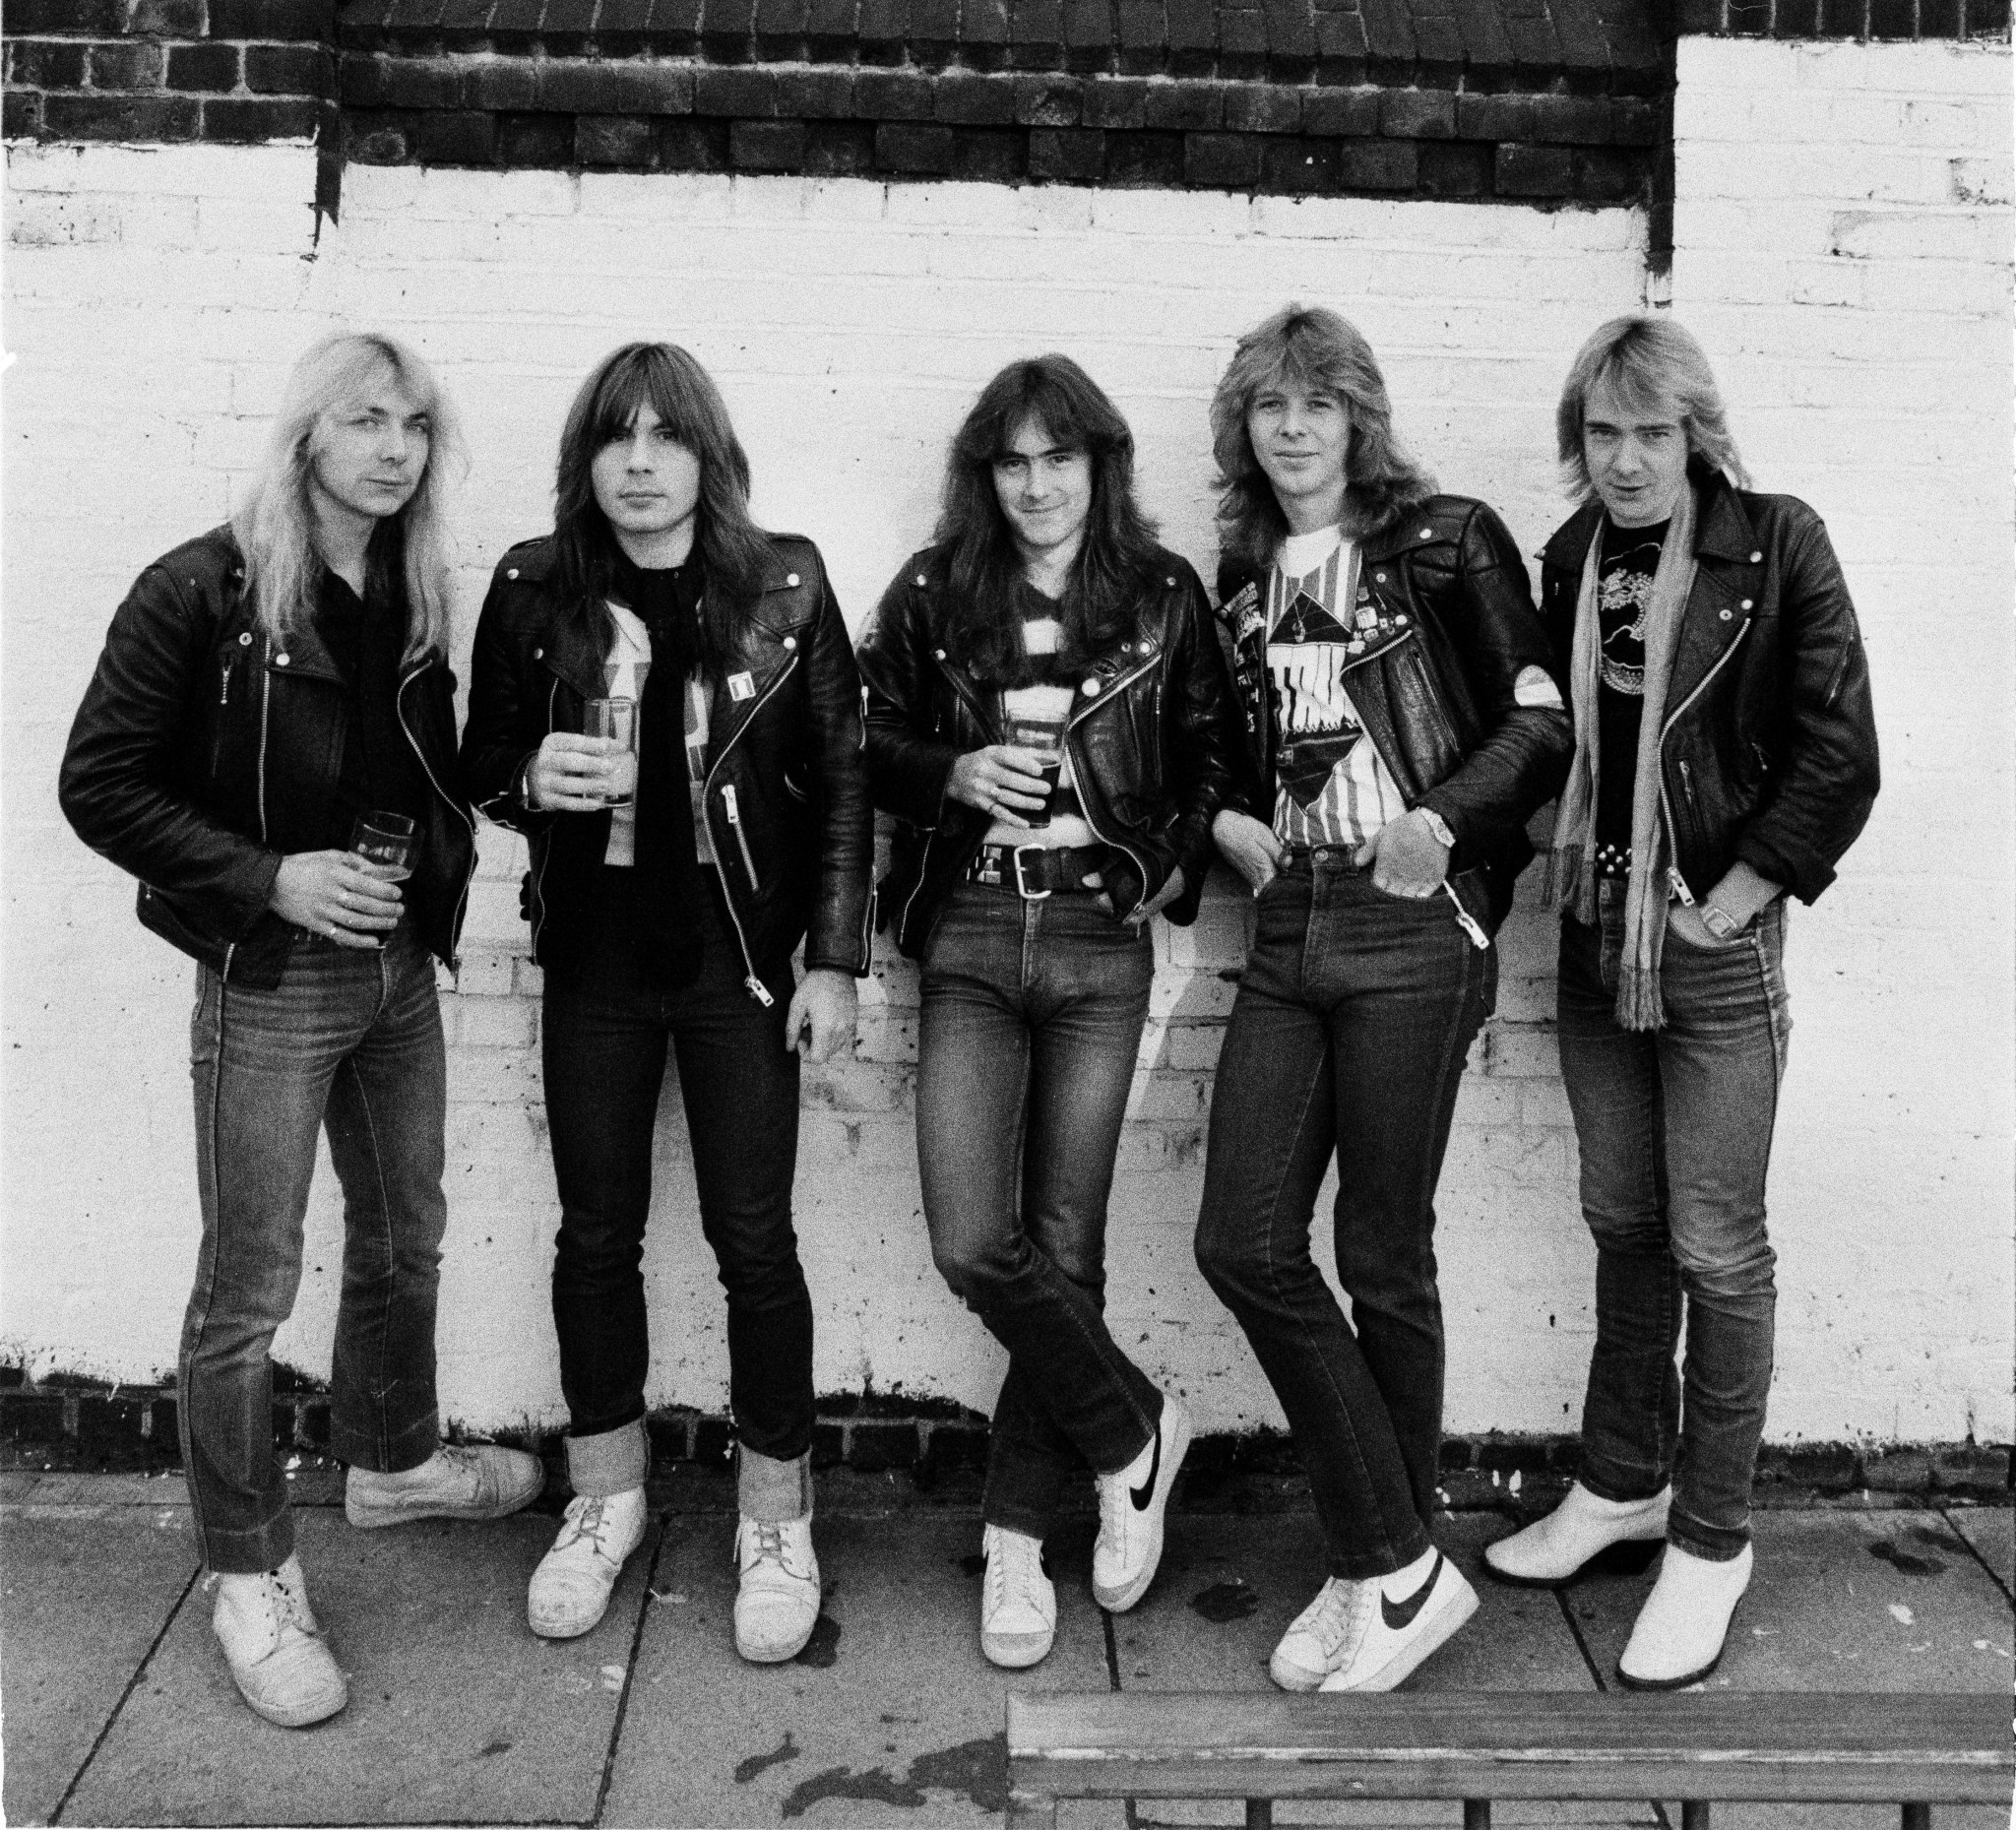 Členovia skupiny Iron Maiden v motorkárskych bundách v roku 1982 v Londýne